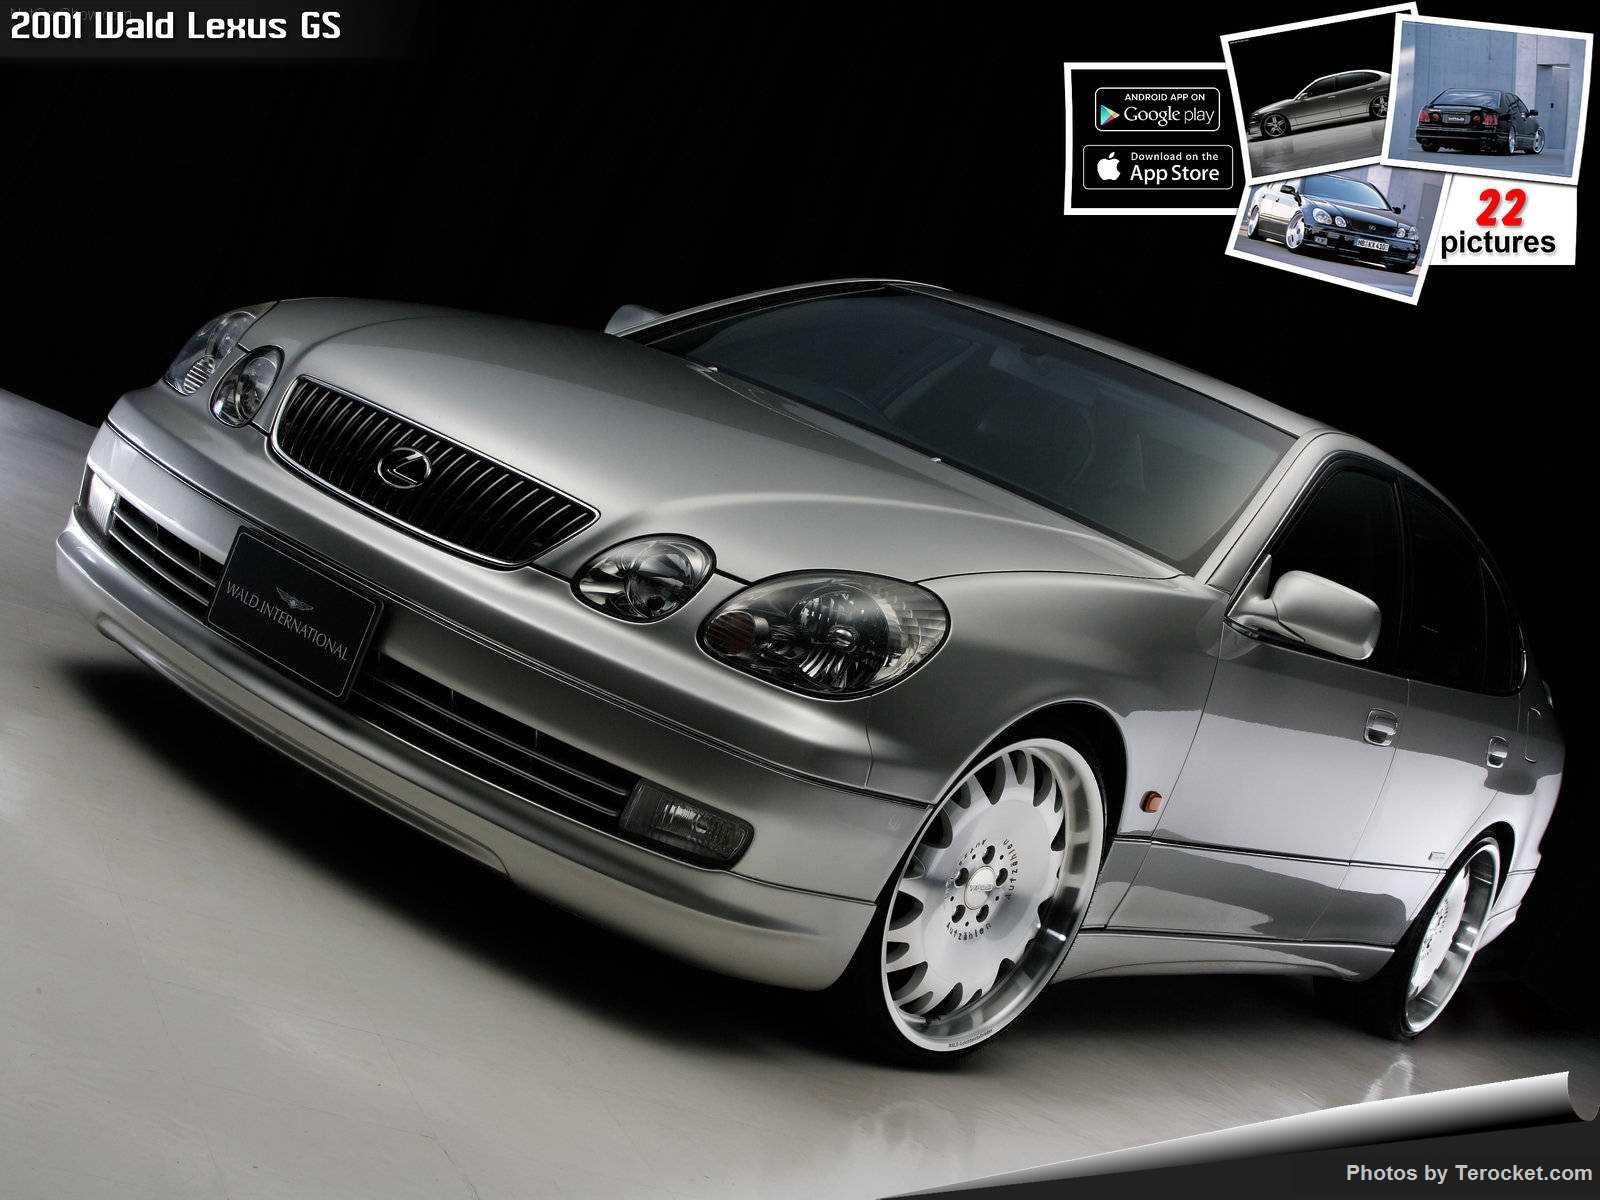 Hình ảnh xe độ Wald Lexus GS 2001 & nội ngoại thất